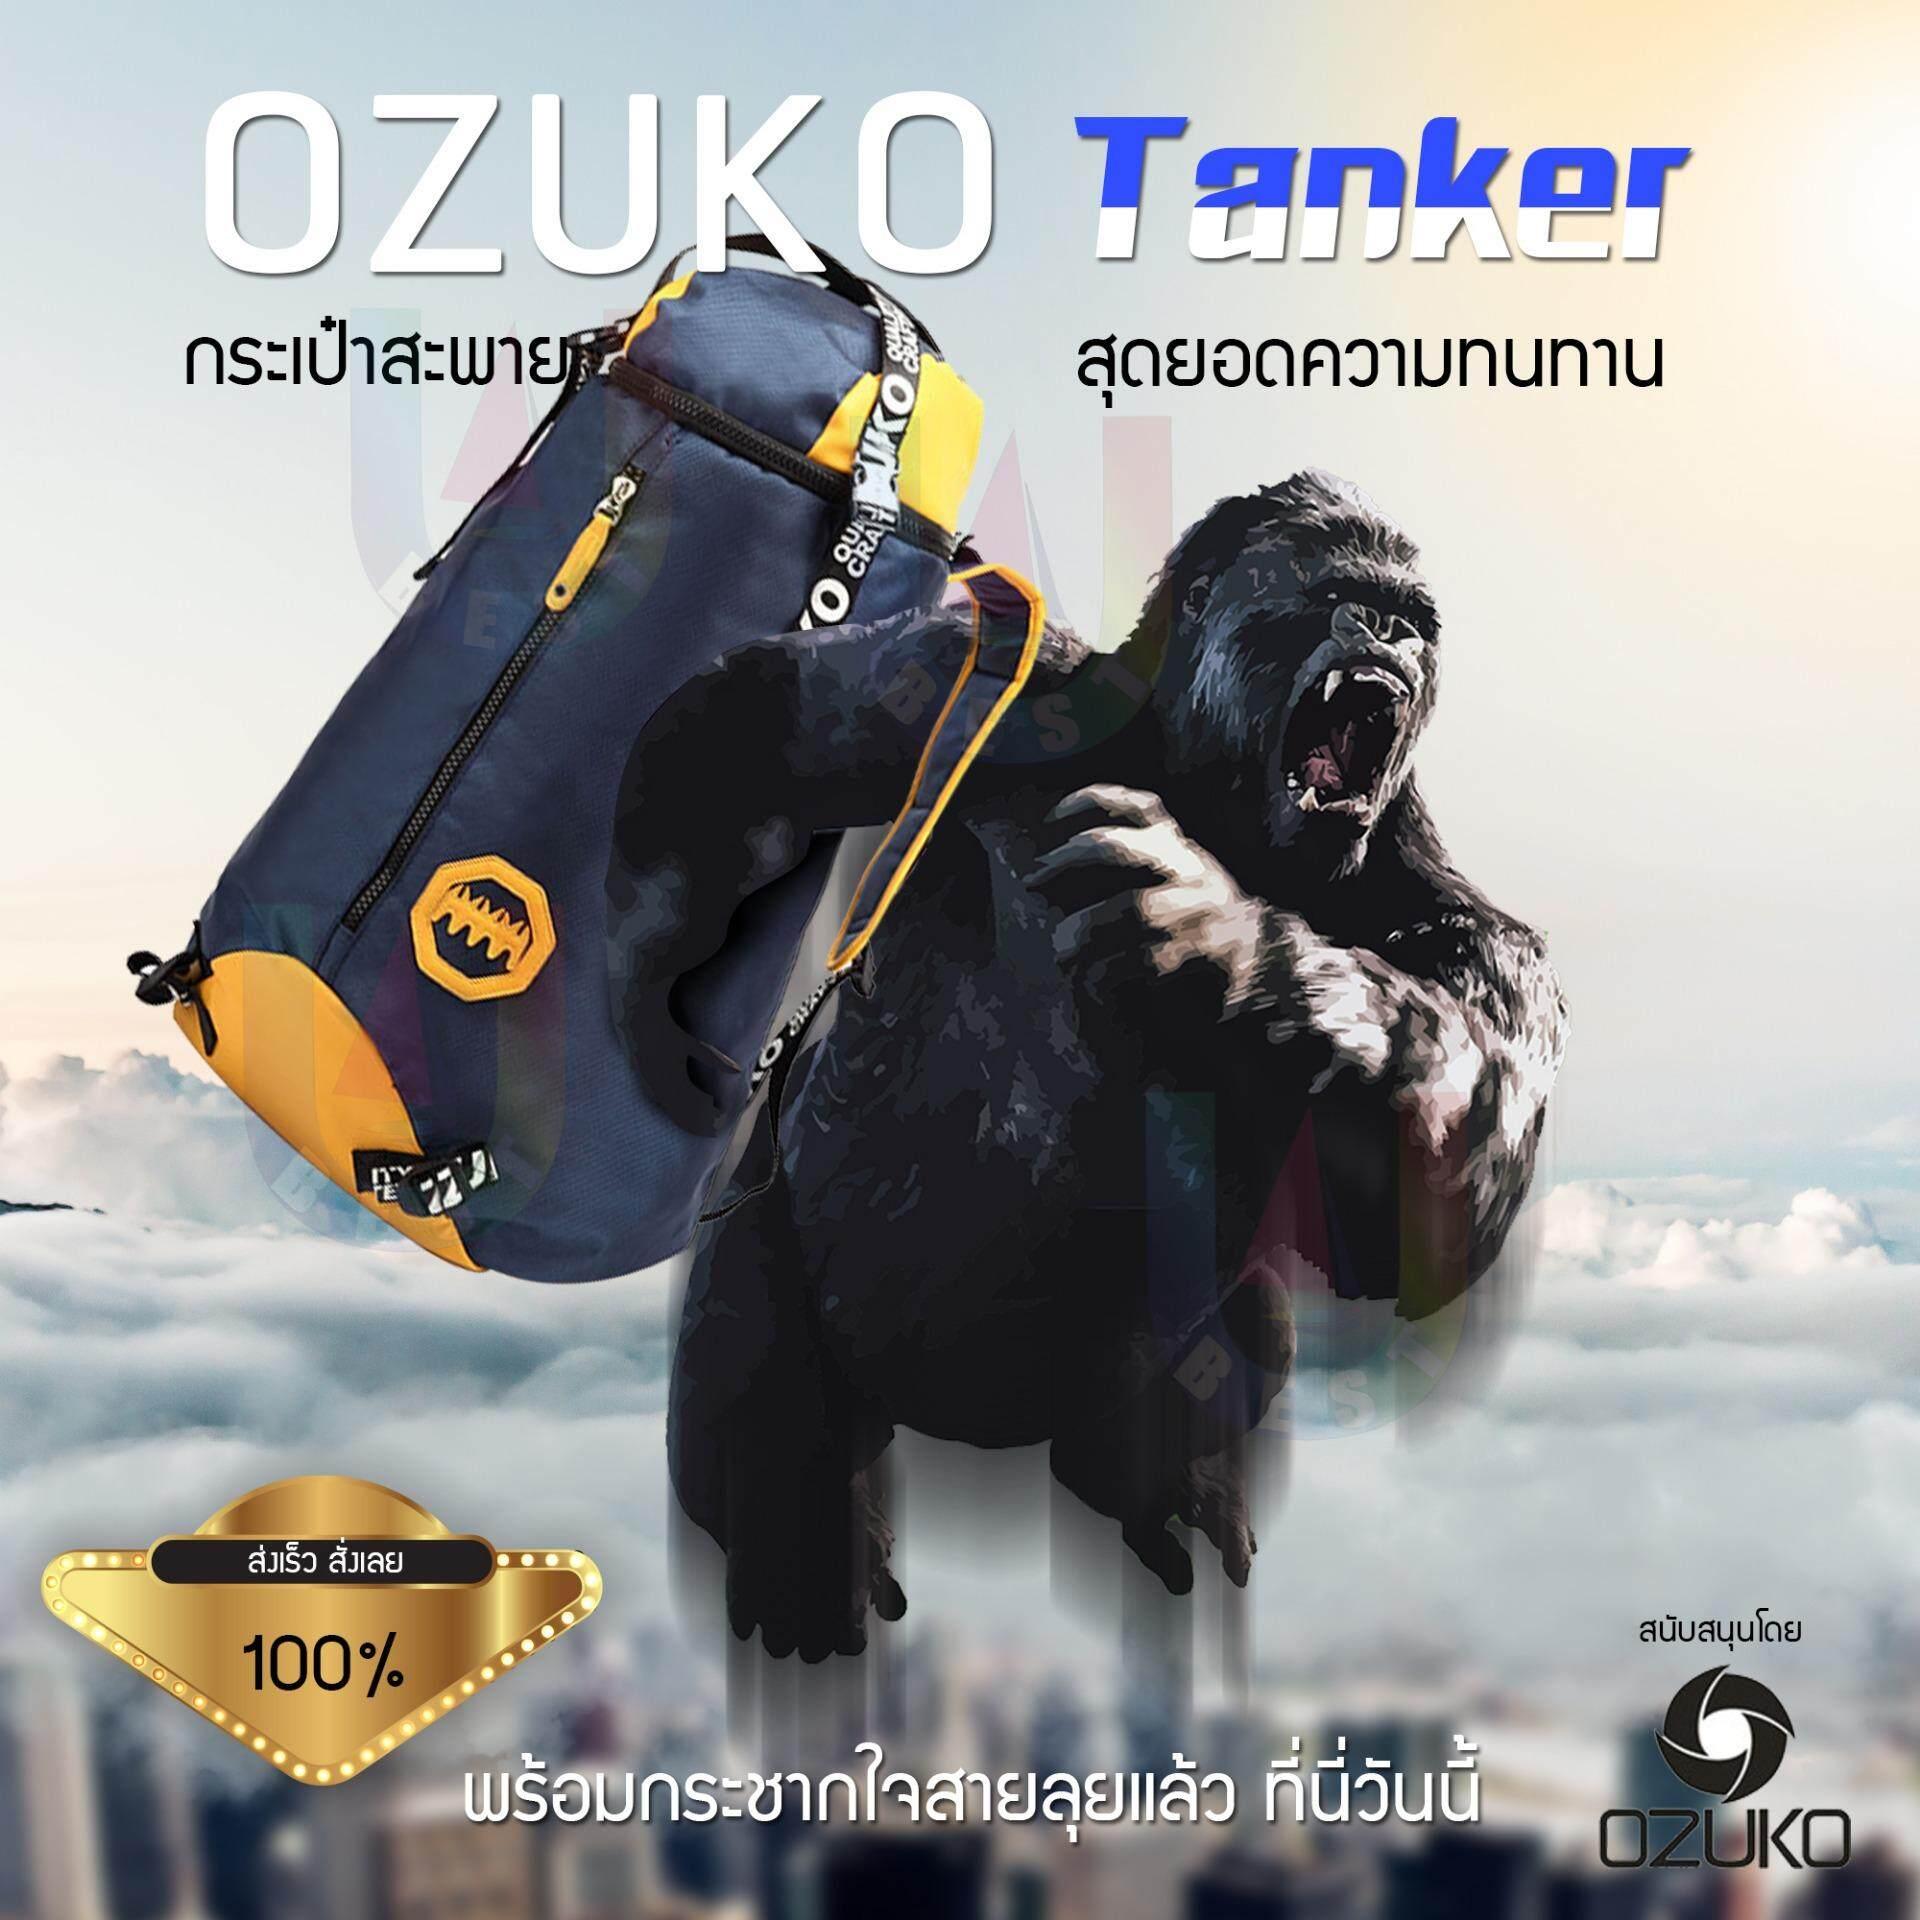 ขาย Ozuko รุ่น Tanker กระเป้าเป้ Backpack ท่องเที่ยว กระเป๋าโน๊ตบุ๊ค กระเป๋าสะพายหลัง กระเป๋าแฟชั่น กระเป๋าเดินทาง เท่ๆ สุดแนว ใส่สบาย จุของได้เยอะ กันน้ำได้ สีน้ำเงิน ใน กรุงเทพมหานคร